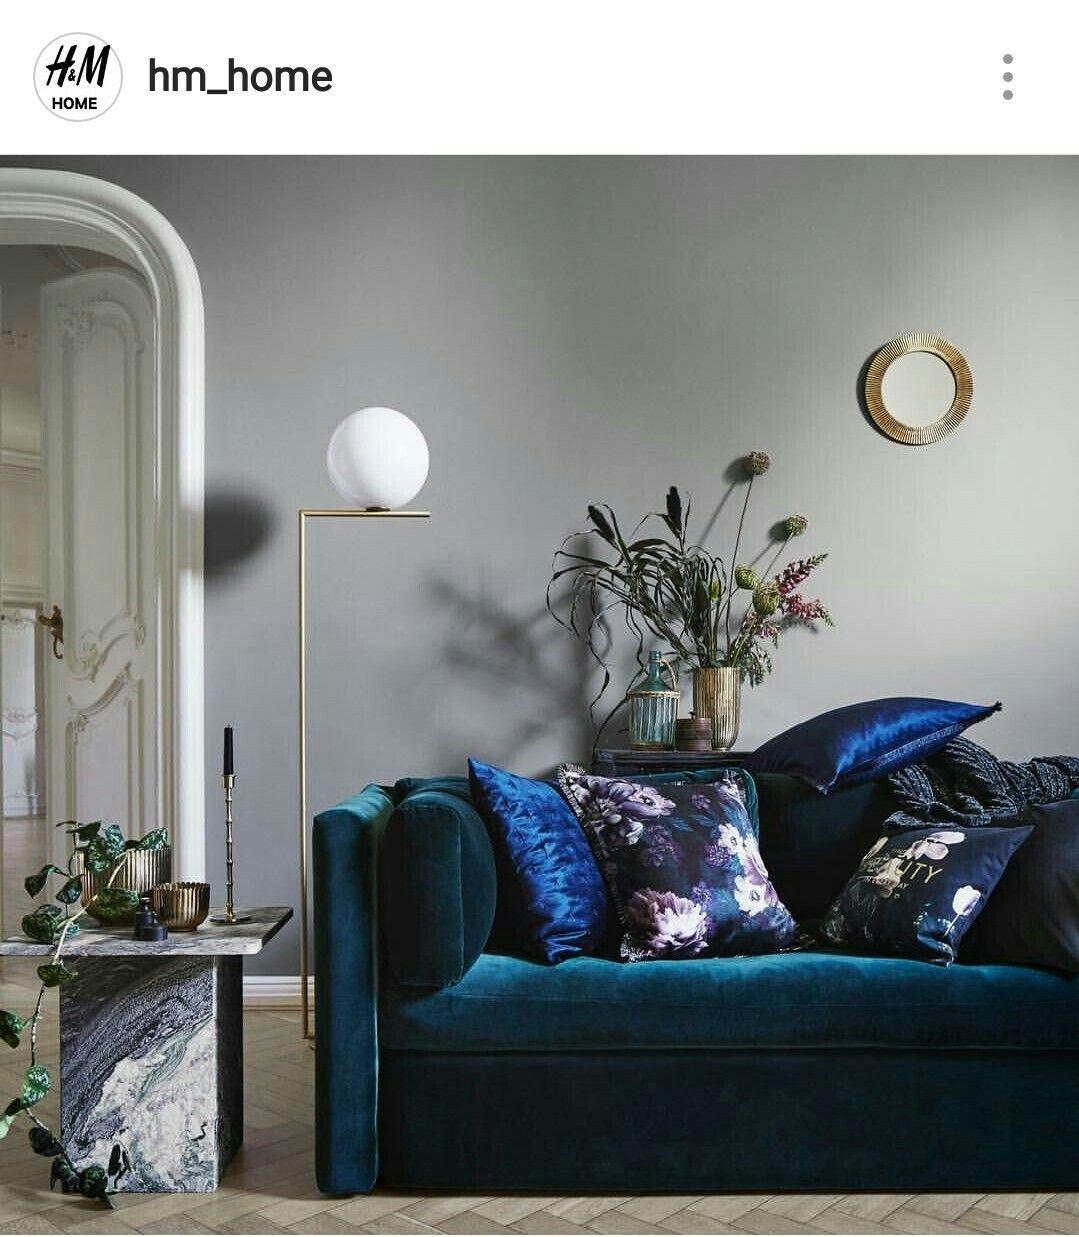 Pin von Pinetove auf Mitt hus | Pinterest | Wohnzimmer